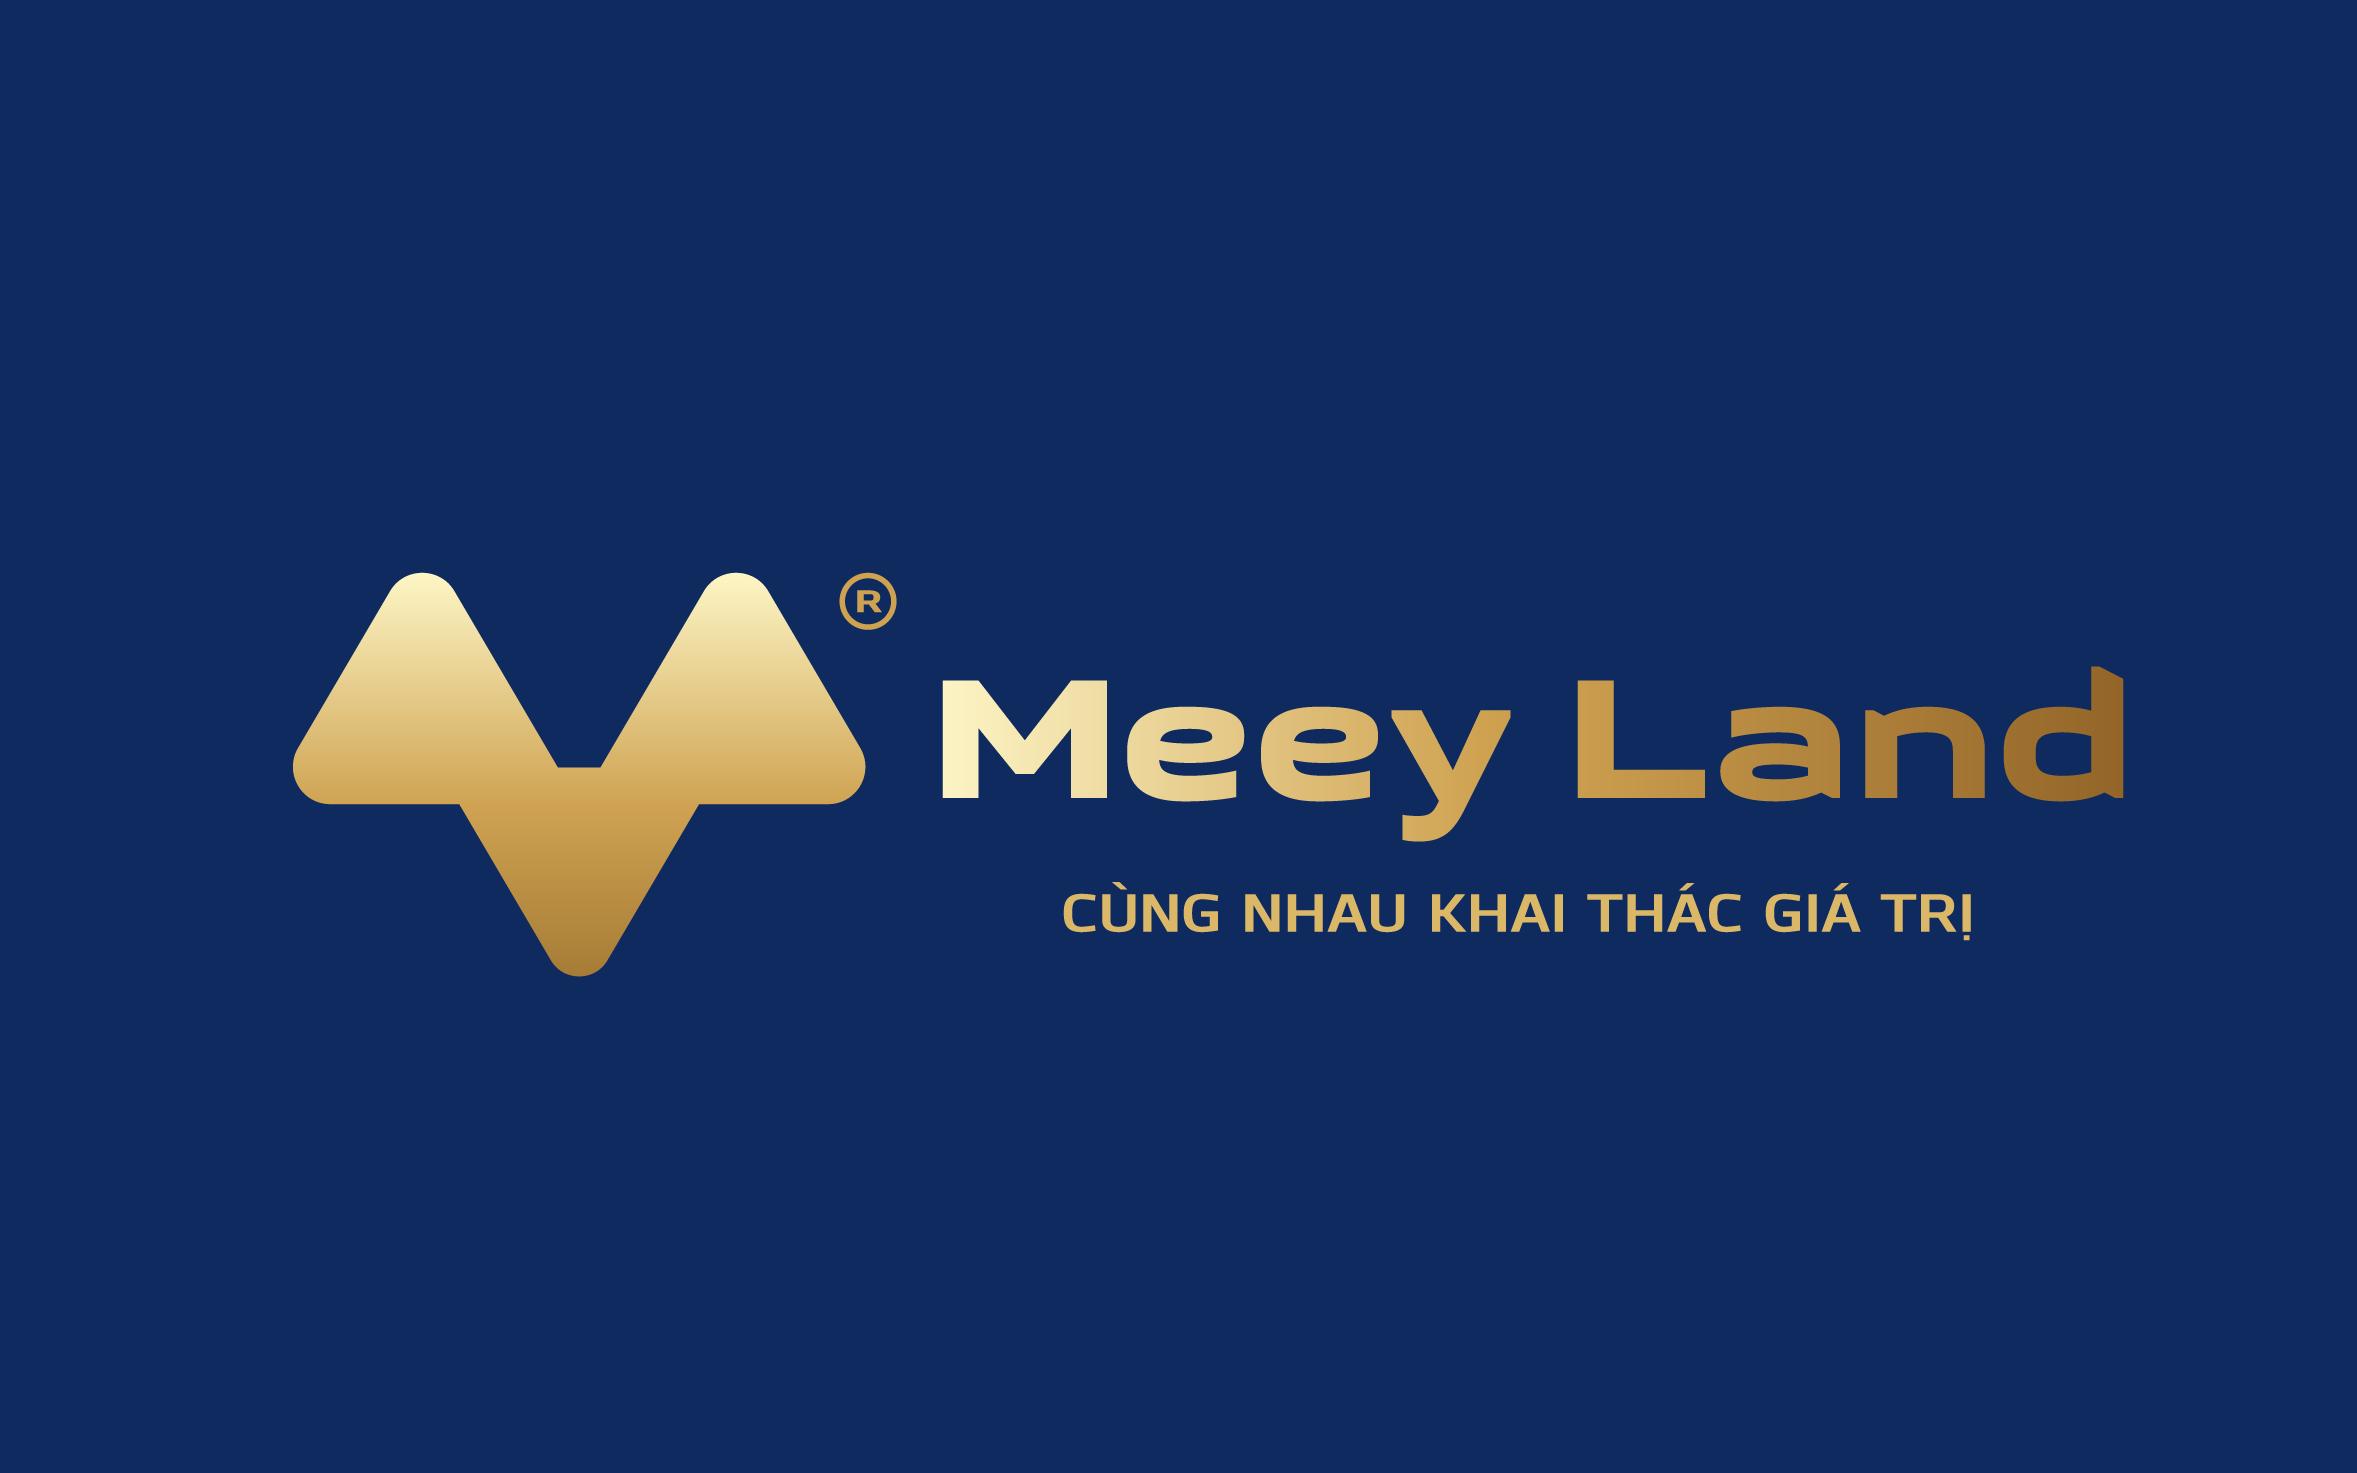 Công ty Cổ phần tập đoàn Meey Land